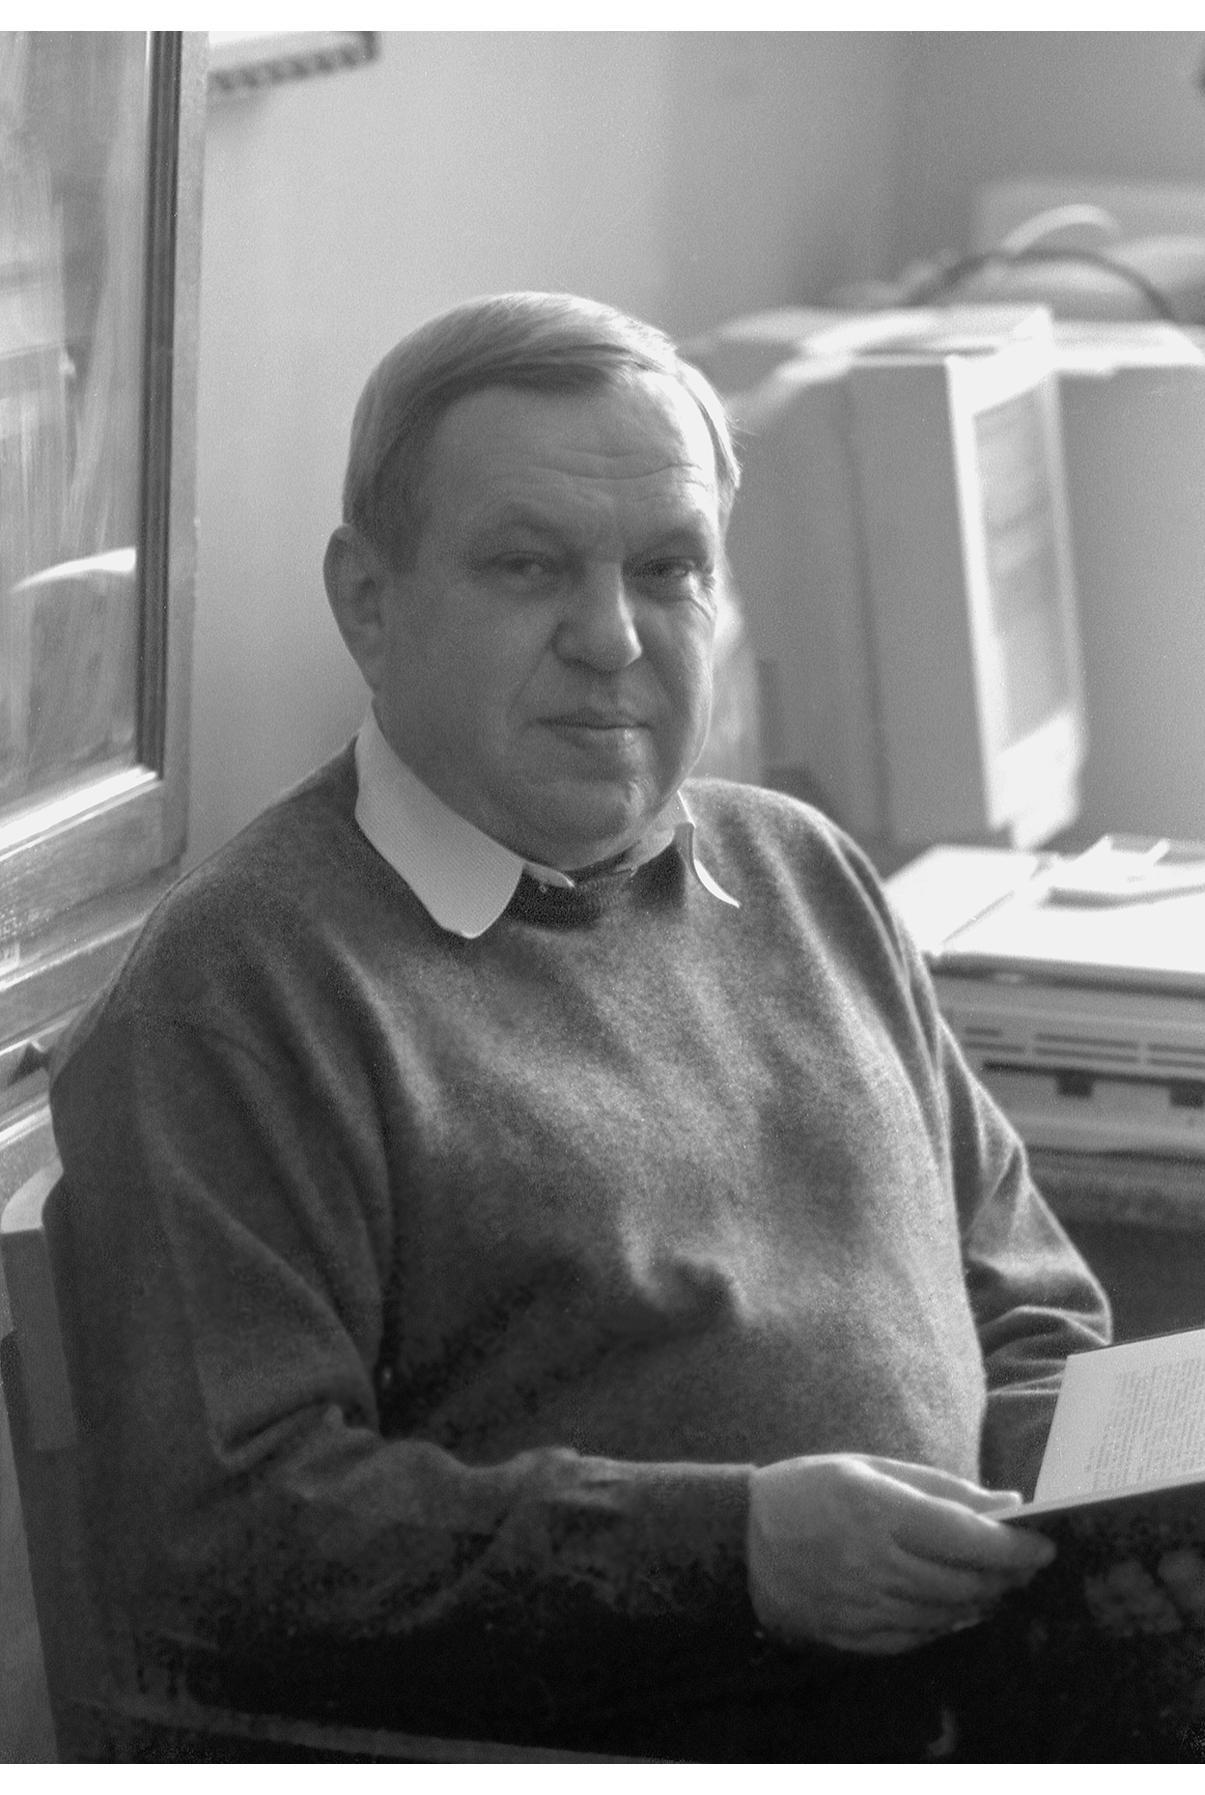 18 ноября 2019 года состоится мемориальное заседание семинара кафедры дифференциальной геометрии и приложений, посвященное 75-летию со дня рождения Ю.П.Соловьева